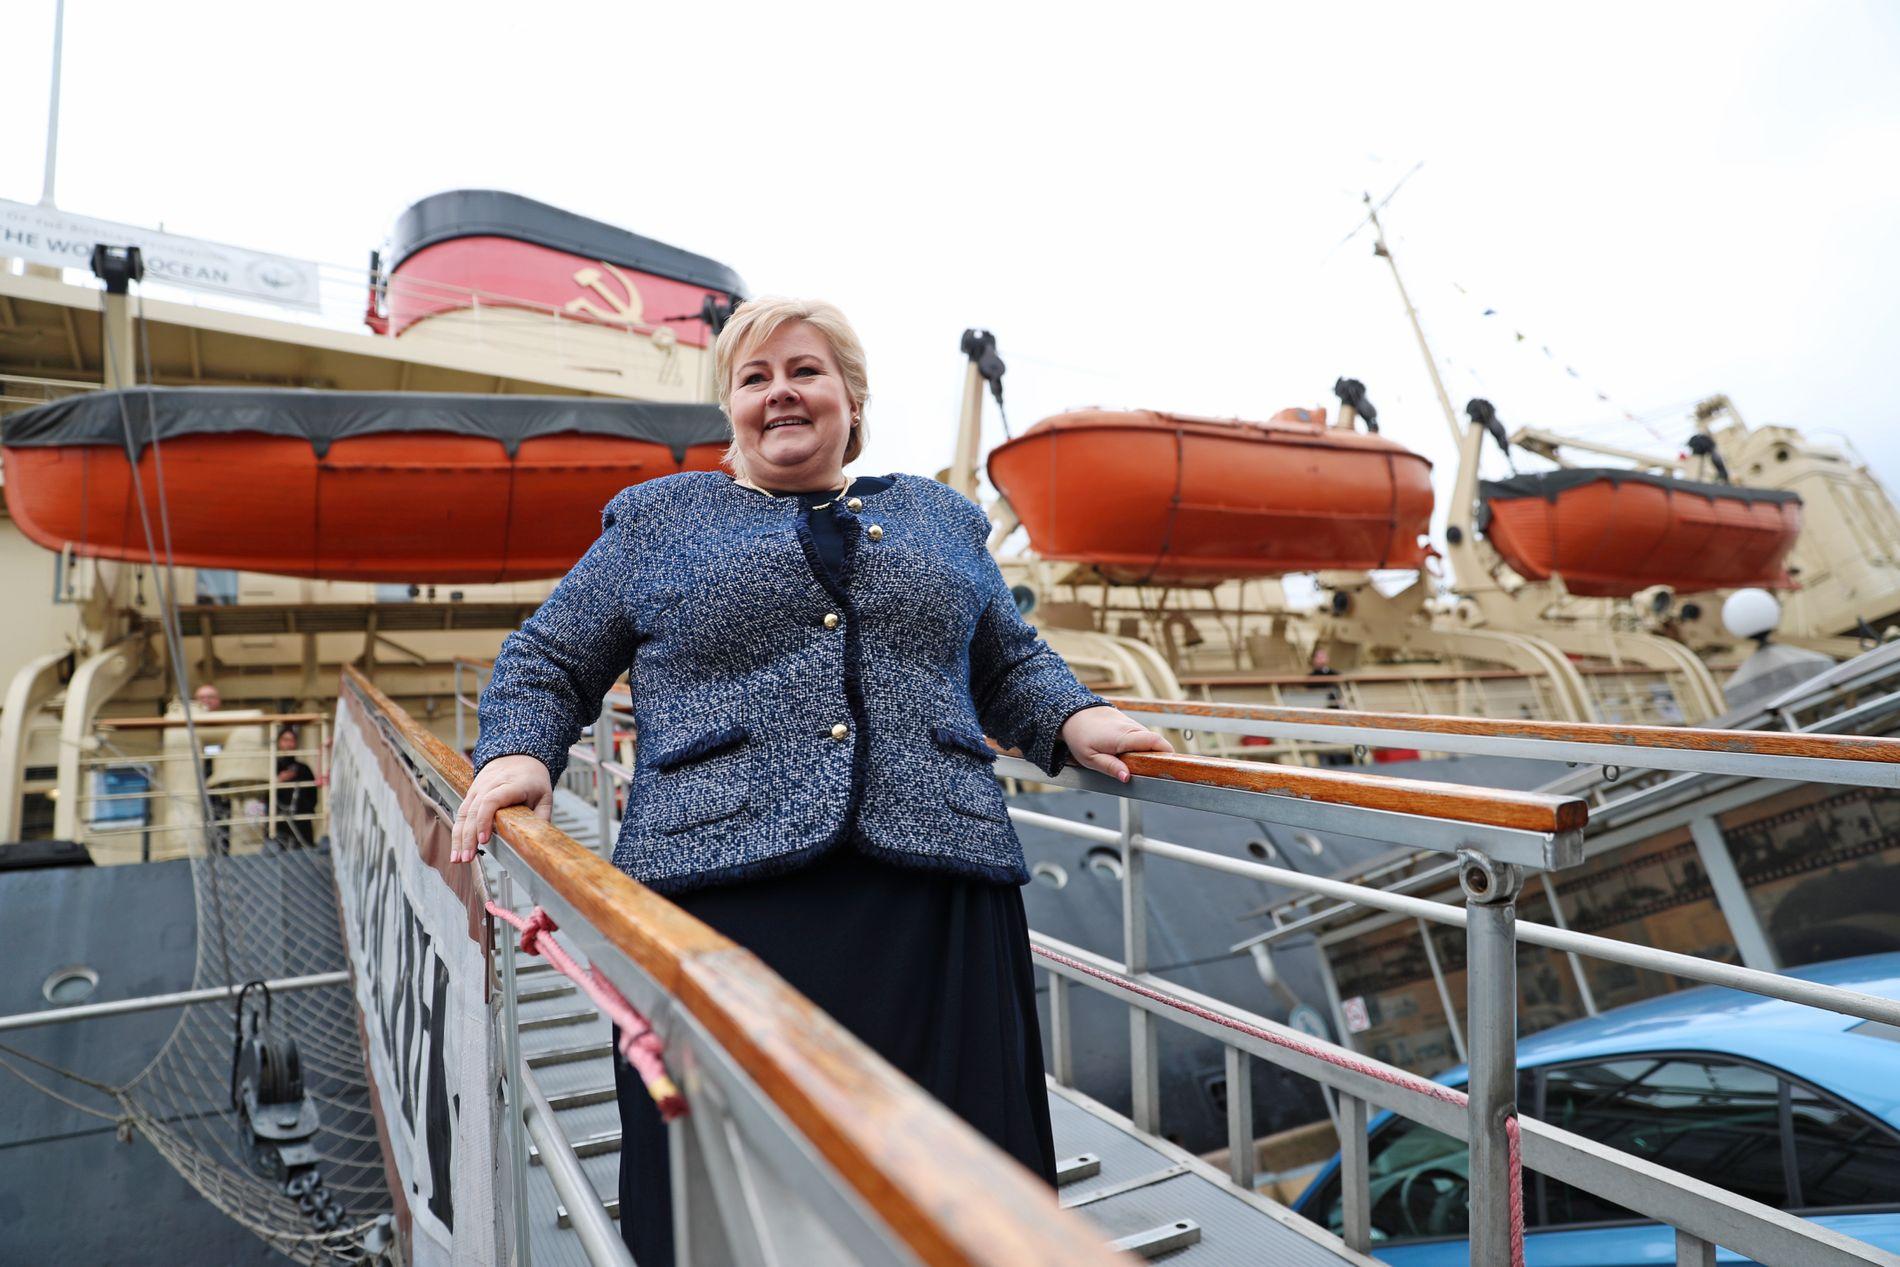 FØR MØTET: Tirsdag morgen møtte Erna Solberg pressen før konferansen Arctic forum og møtet med president Vladimir Putin.